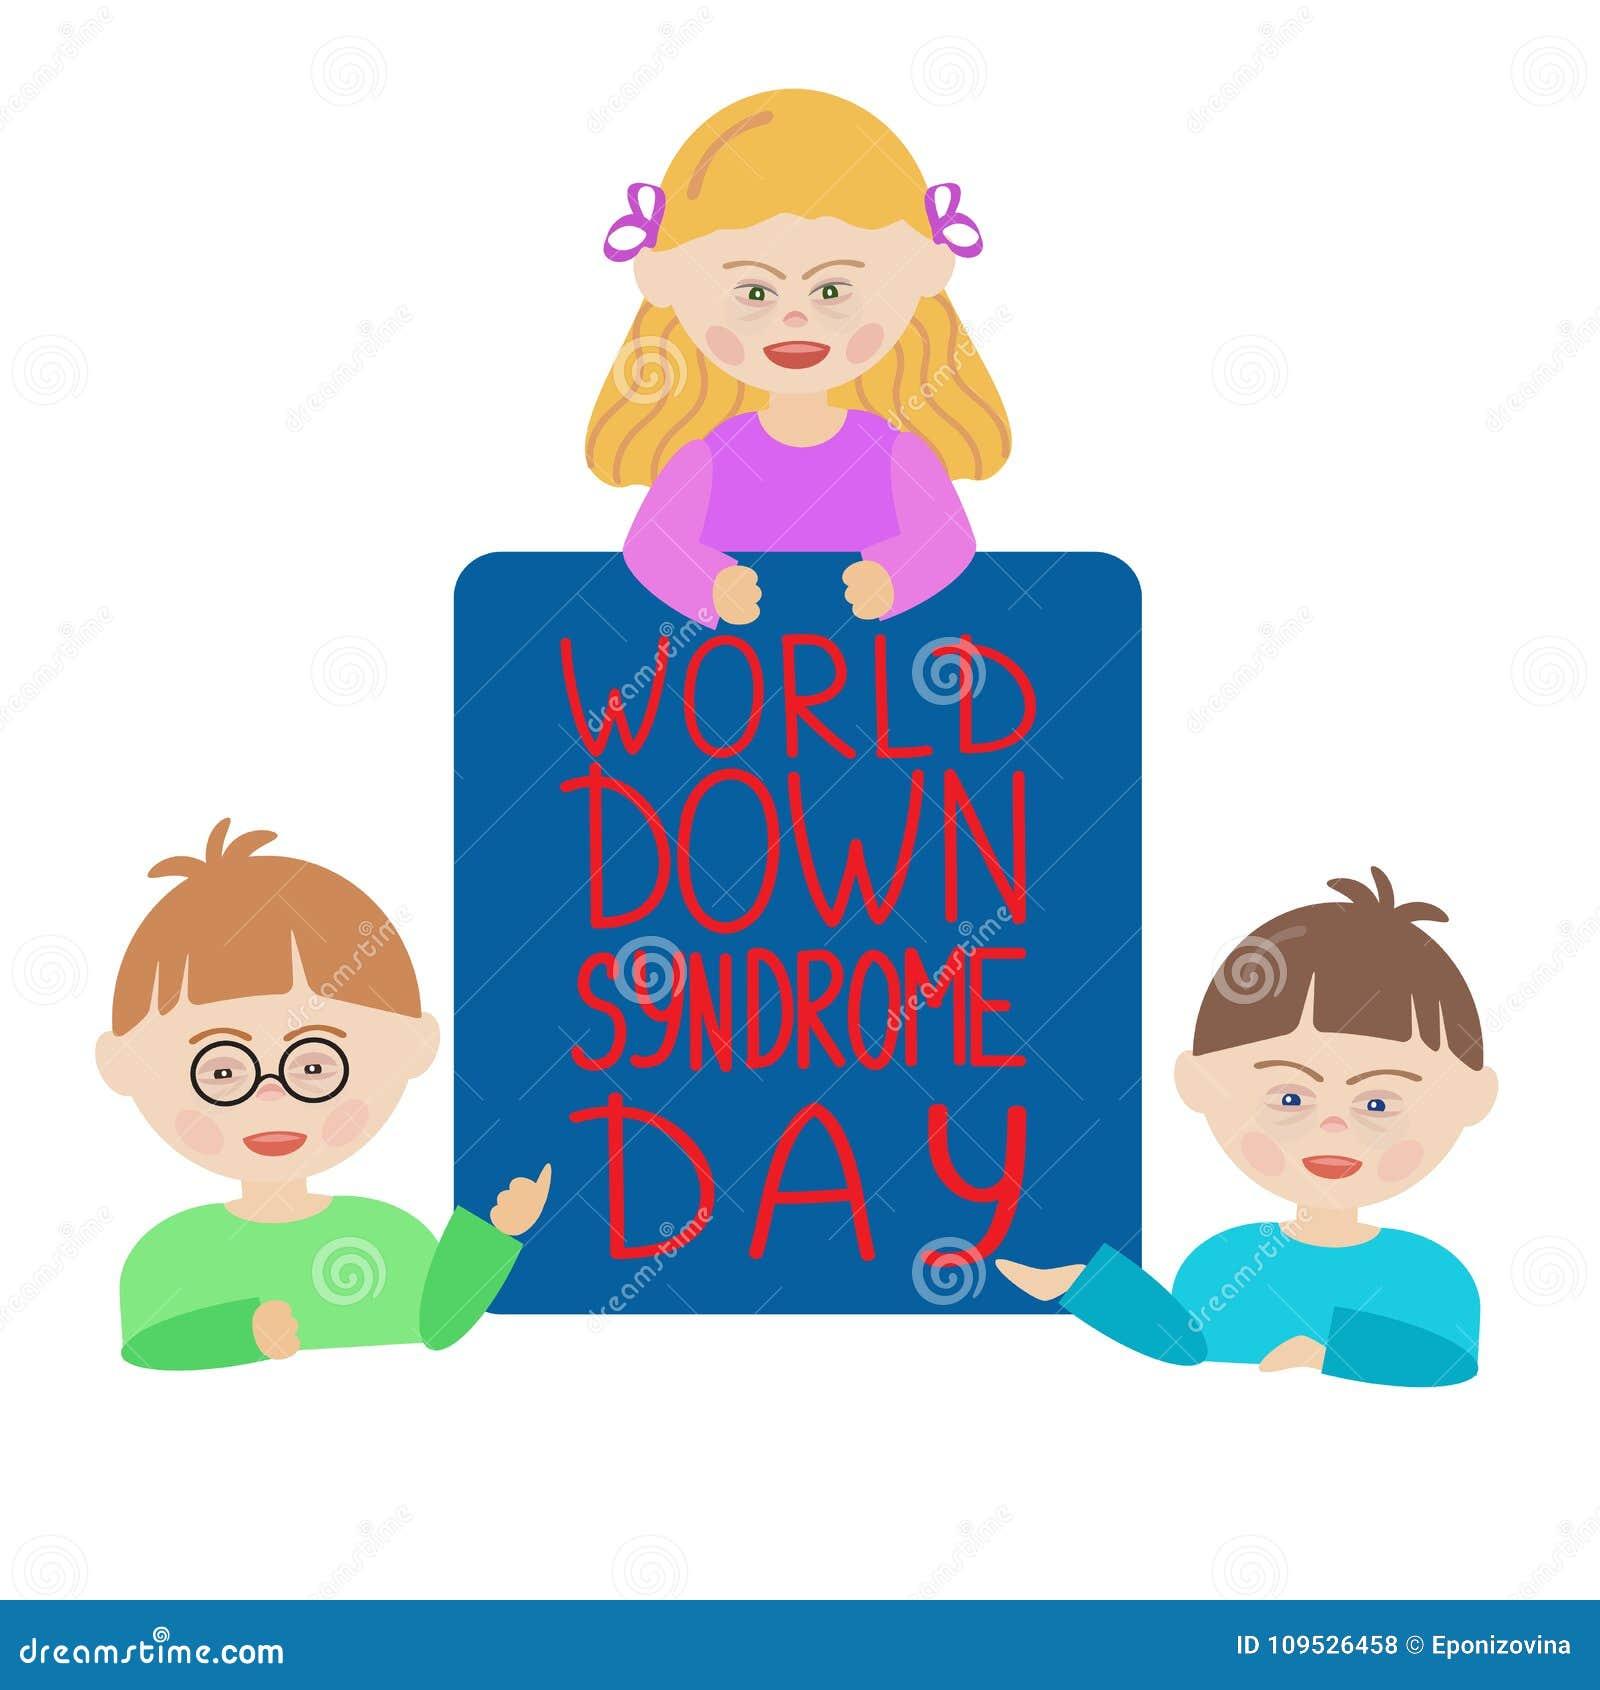 Kinder mit Down-Syndrom halten ein blaues Zeichen, das Welt-Down-Syndrom Tag sagt